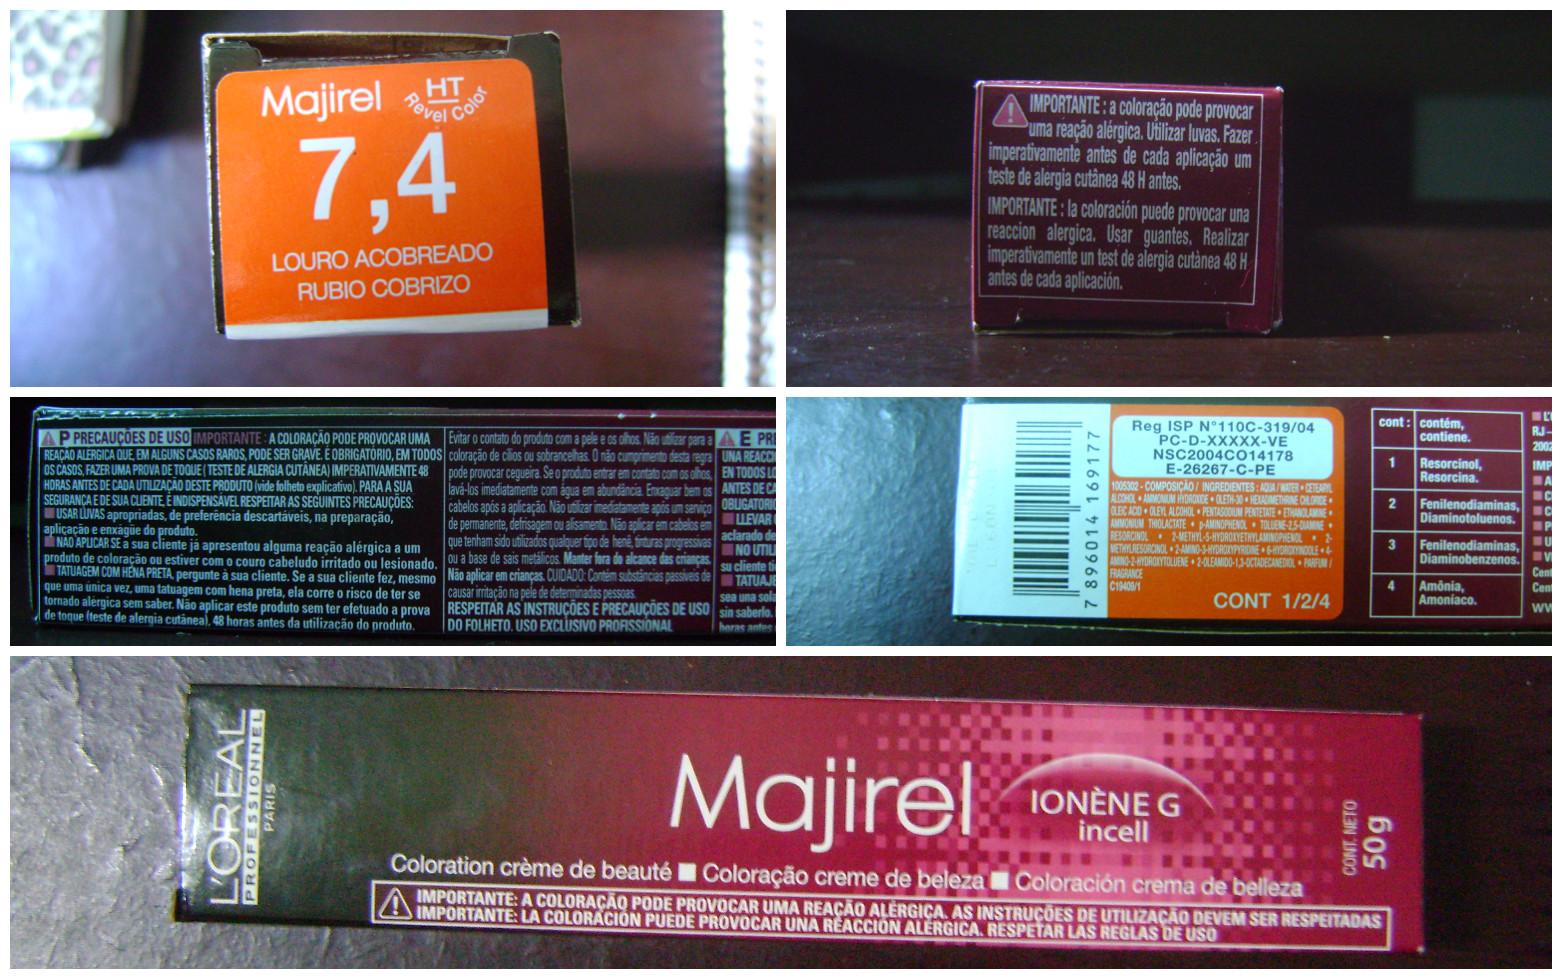 Ingredientes da Majirel 7.4, Ingredientes da Majirel, fórmula da Majirel, química da Majirel, embalagem da Majirel